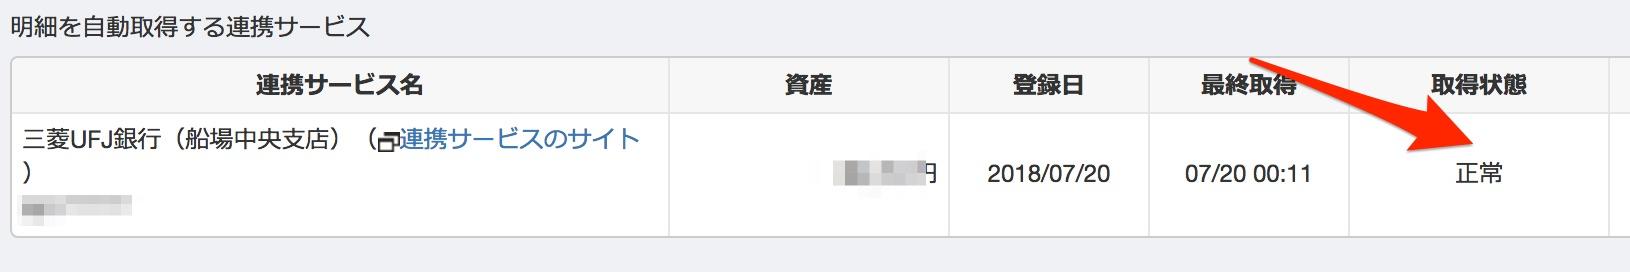 「マネーフォワードクラウド会計・確定申告」-銀行口座の登録(個人口座)10